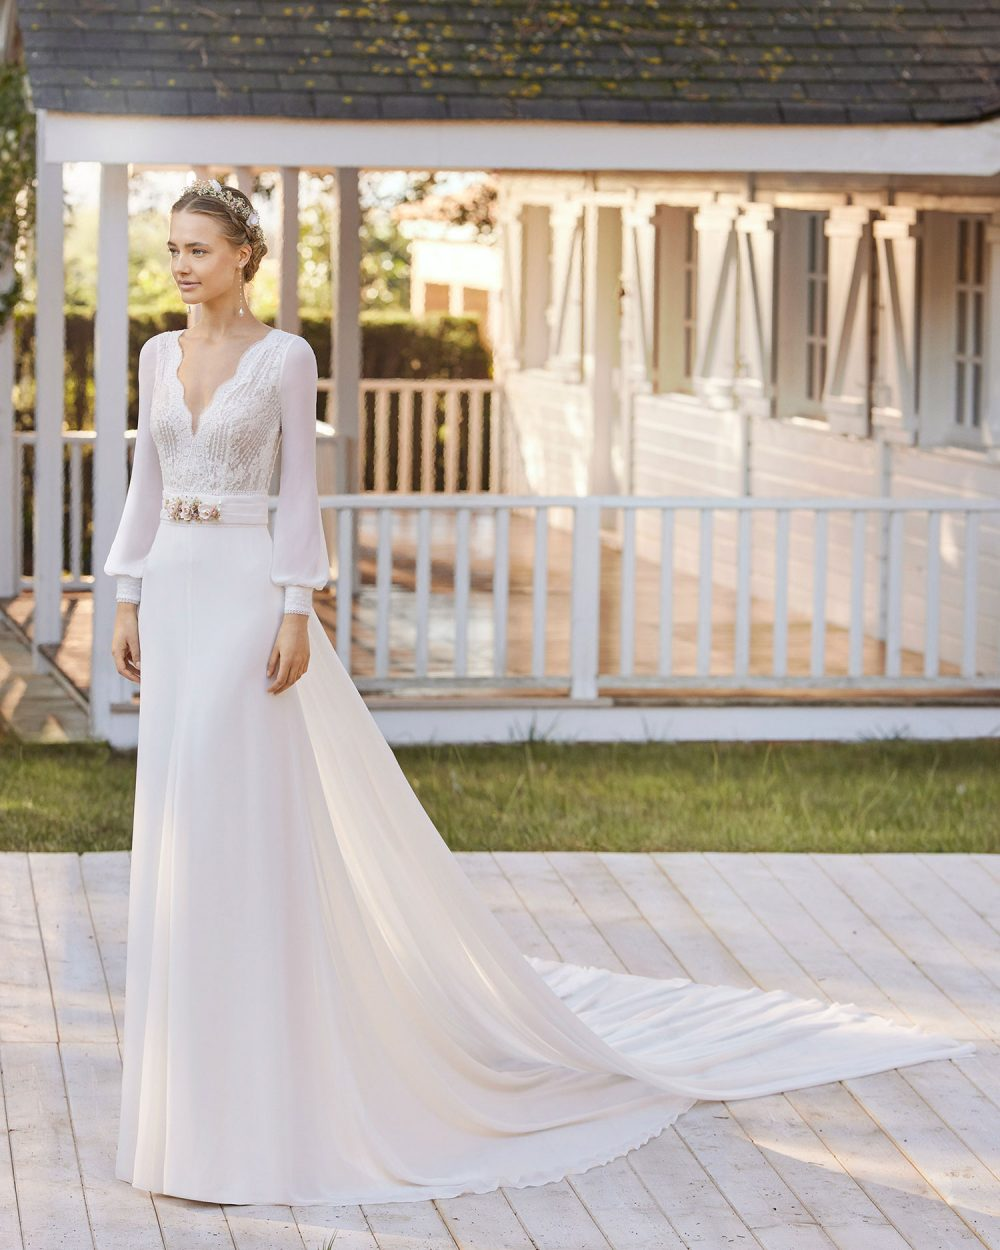 Rosa Clarà 2022 abito vestito sposa Vicenza LENY